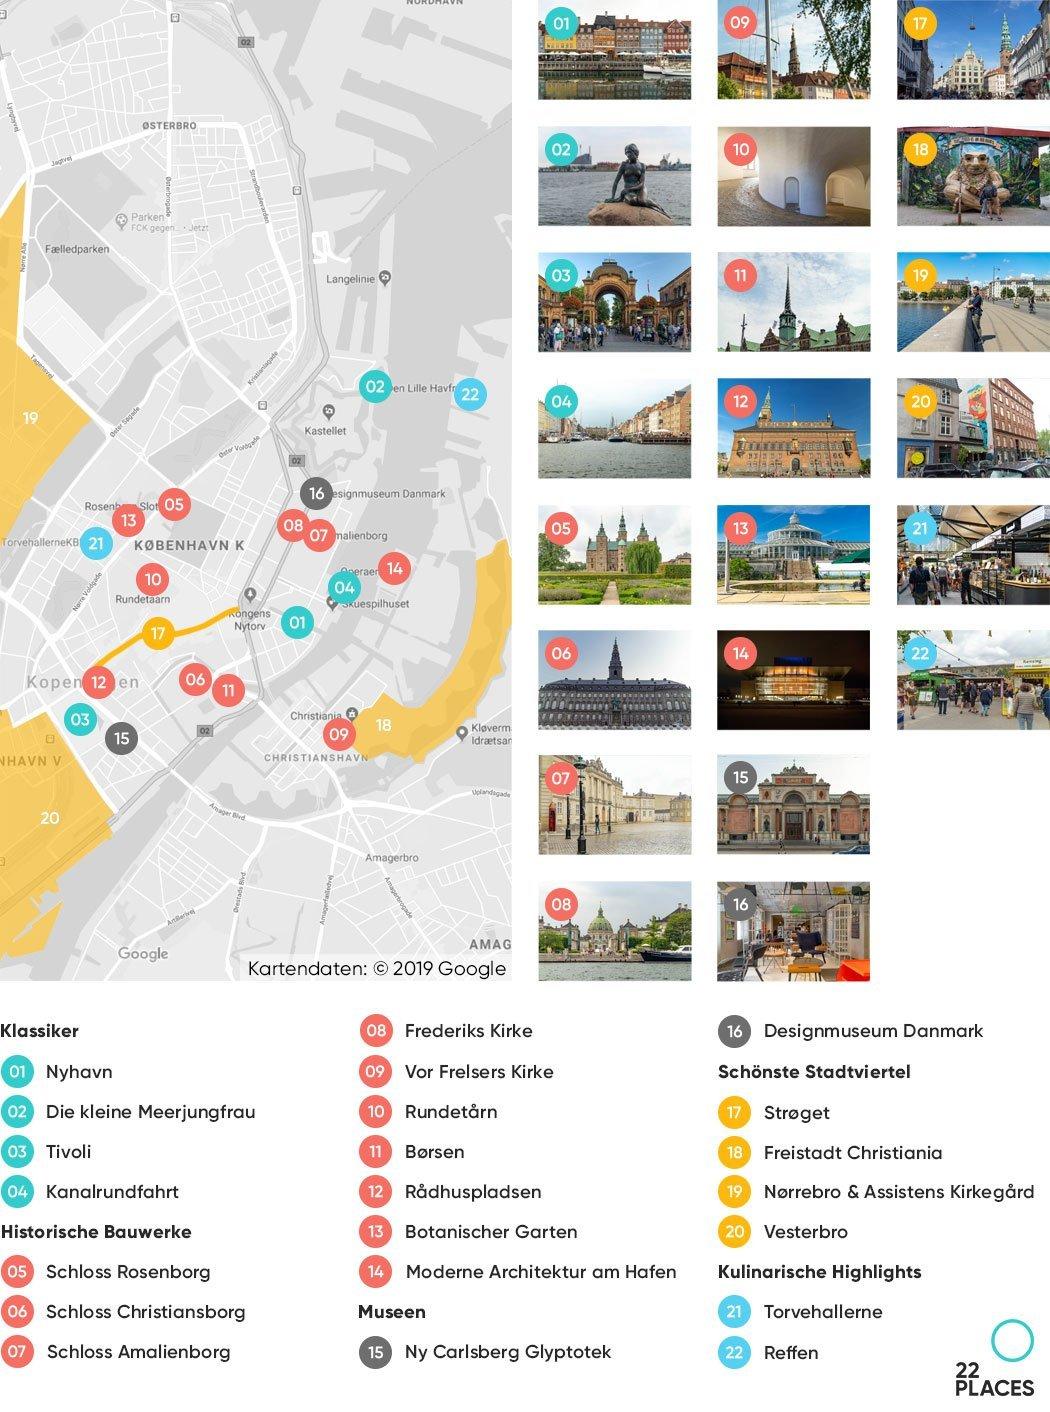 Kopenhagen Sehenswürdigkeiten Karte